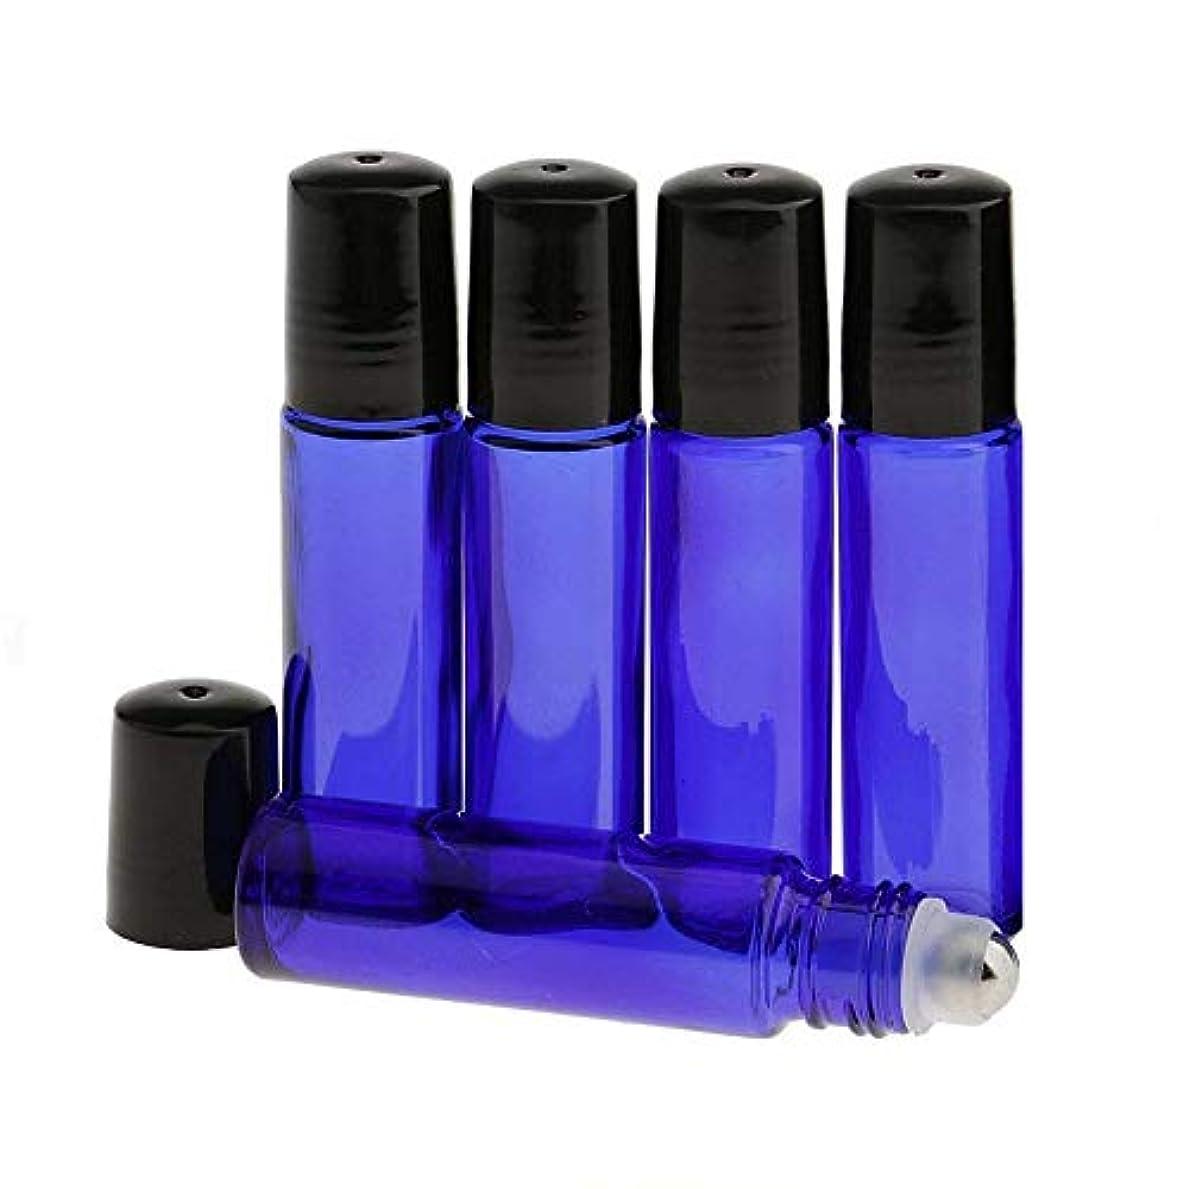 回路一般的に言えば過度にHongsheng ロールオンボトル 5本セット 10ml 遮光瓶 ガラスロールタイプ アロマオイル 香水 虫よけ 詰替え ブルー